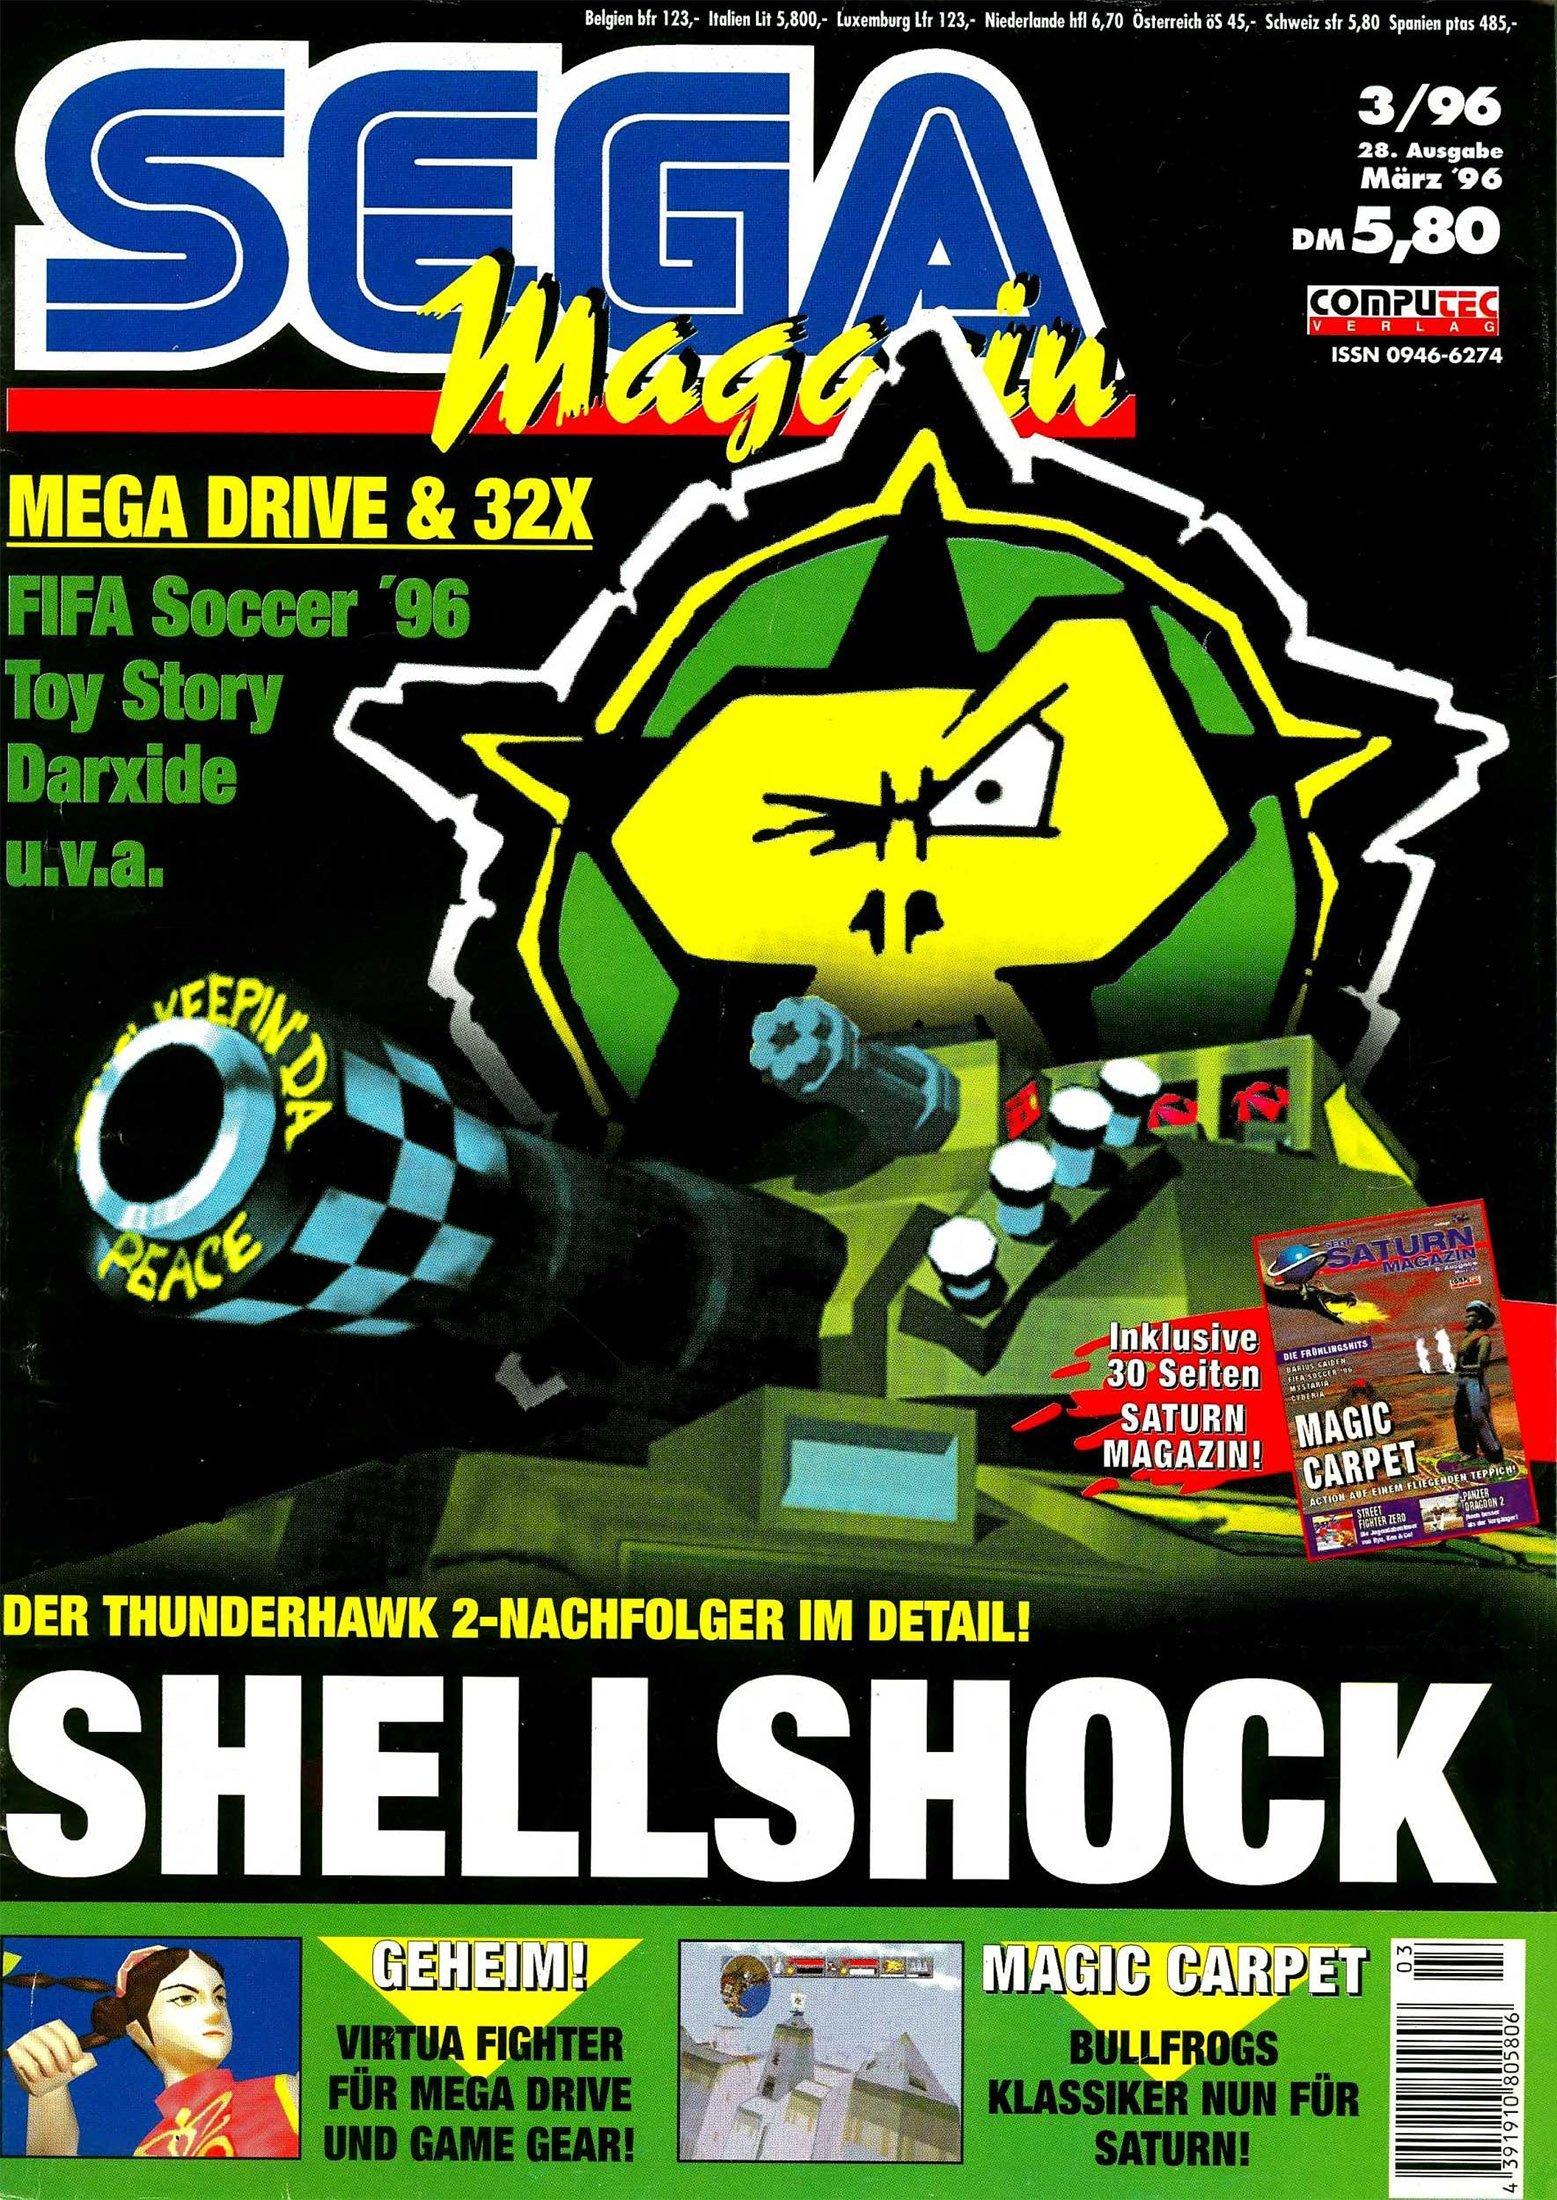 Sega Magazin Issue 28 (March 1996)